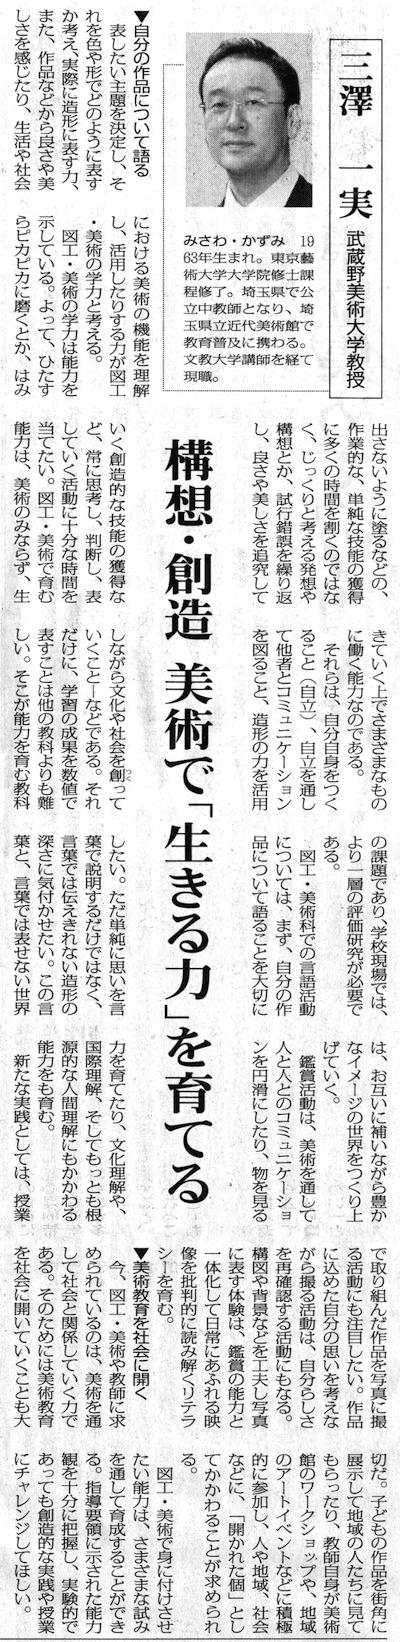 日本教育新聞で図工の特集(その2)_b0068572_22423766.jpg